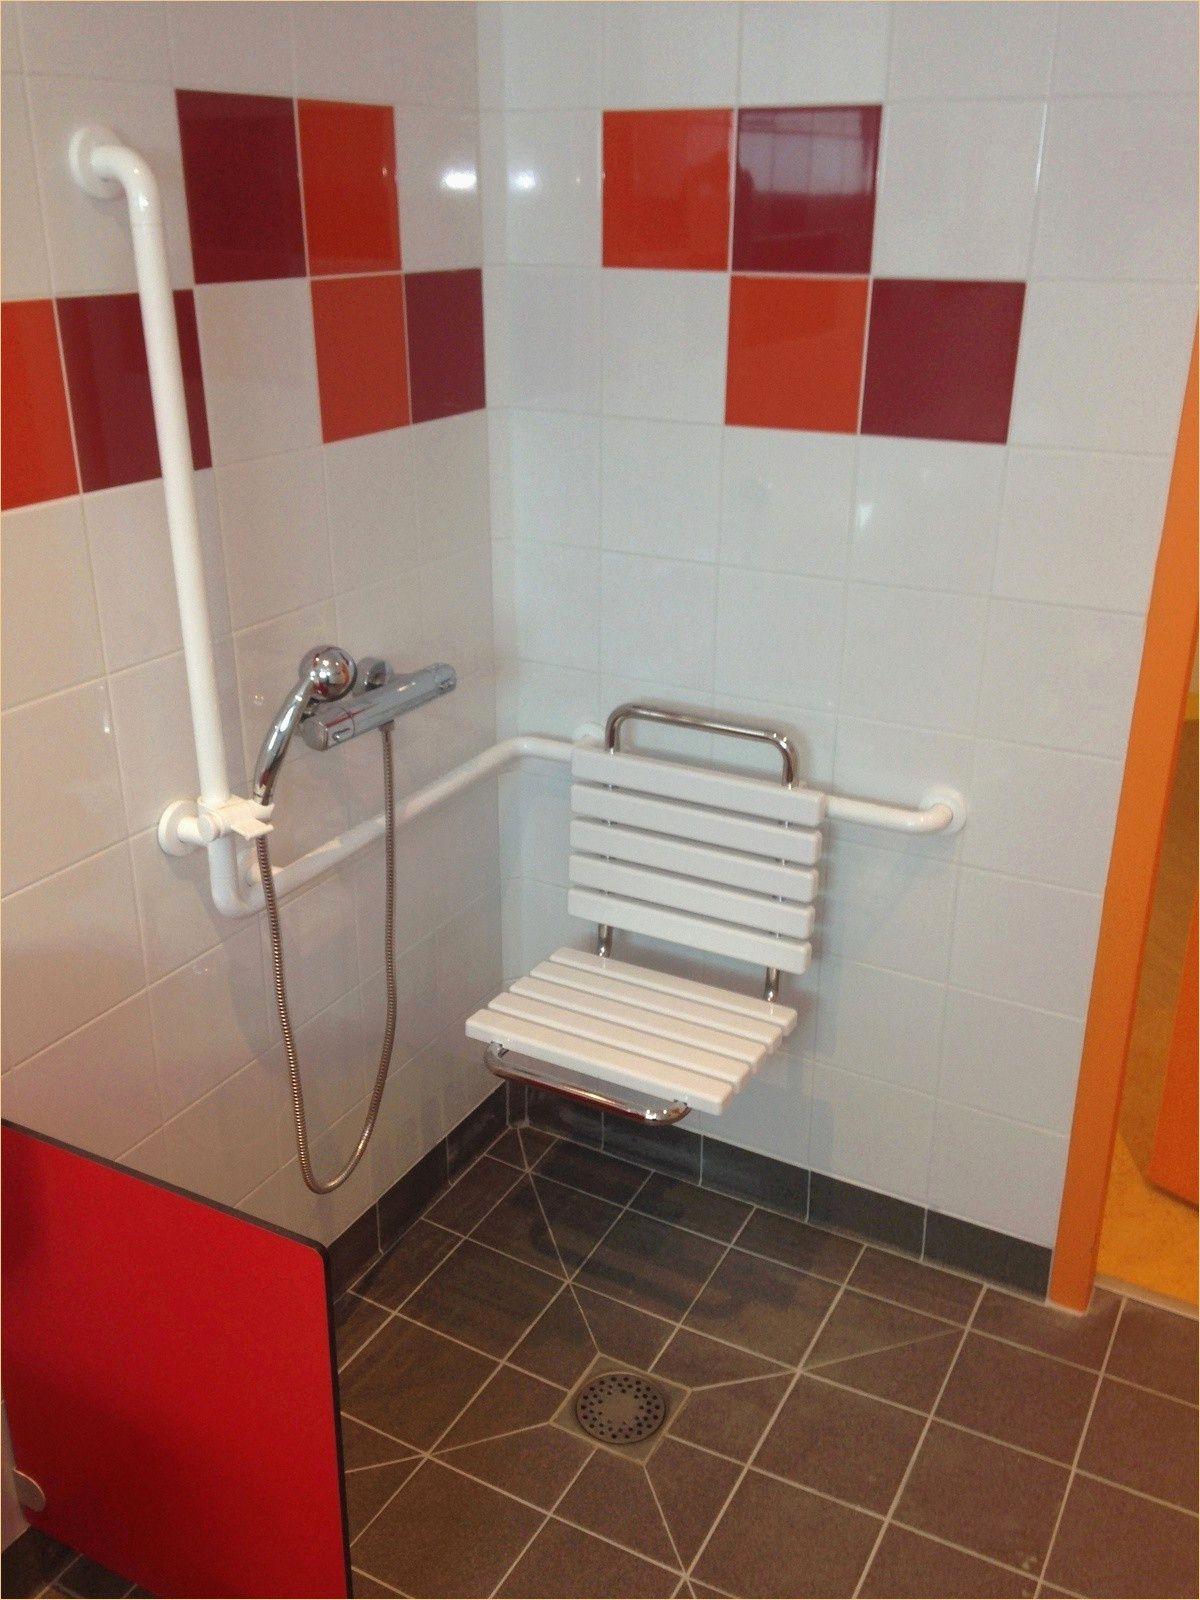 Tablier De Baignoire Brico Depot Tablier De Baignoire Brico Depot Baignoire Balneo Rectangulaire D Angle Et Tablier A Voici Une Offr Bathtub Corner Bath Bath